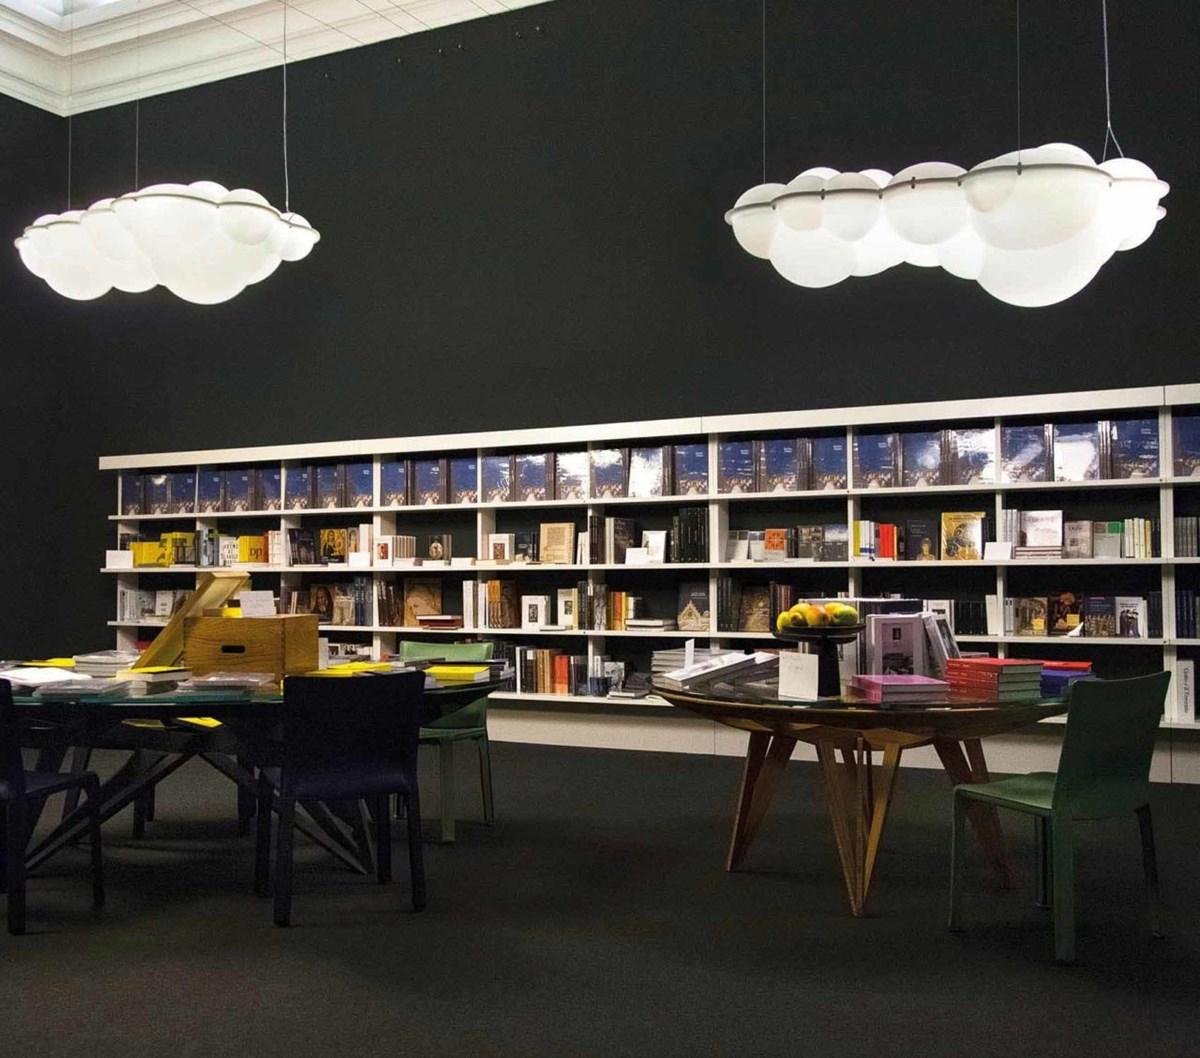 Nemo-Mario-Bellini-Nuvola-Pendant-Light-Matisse-2